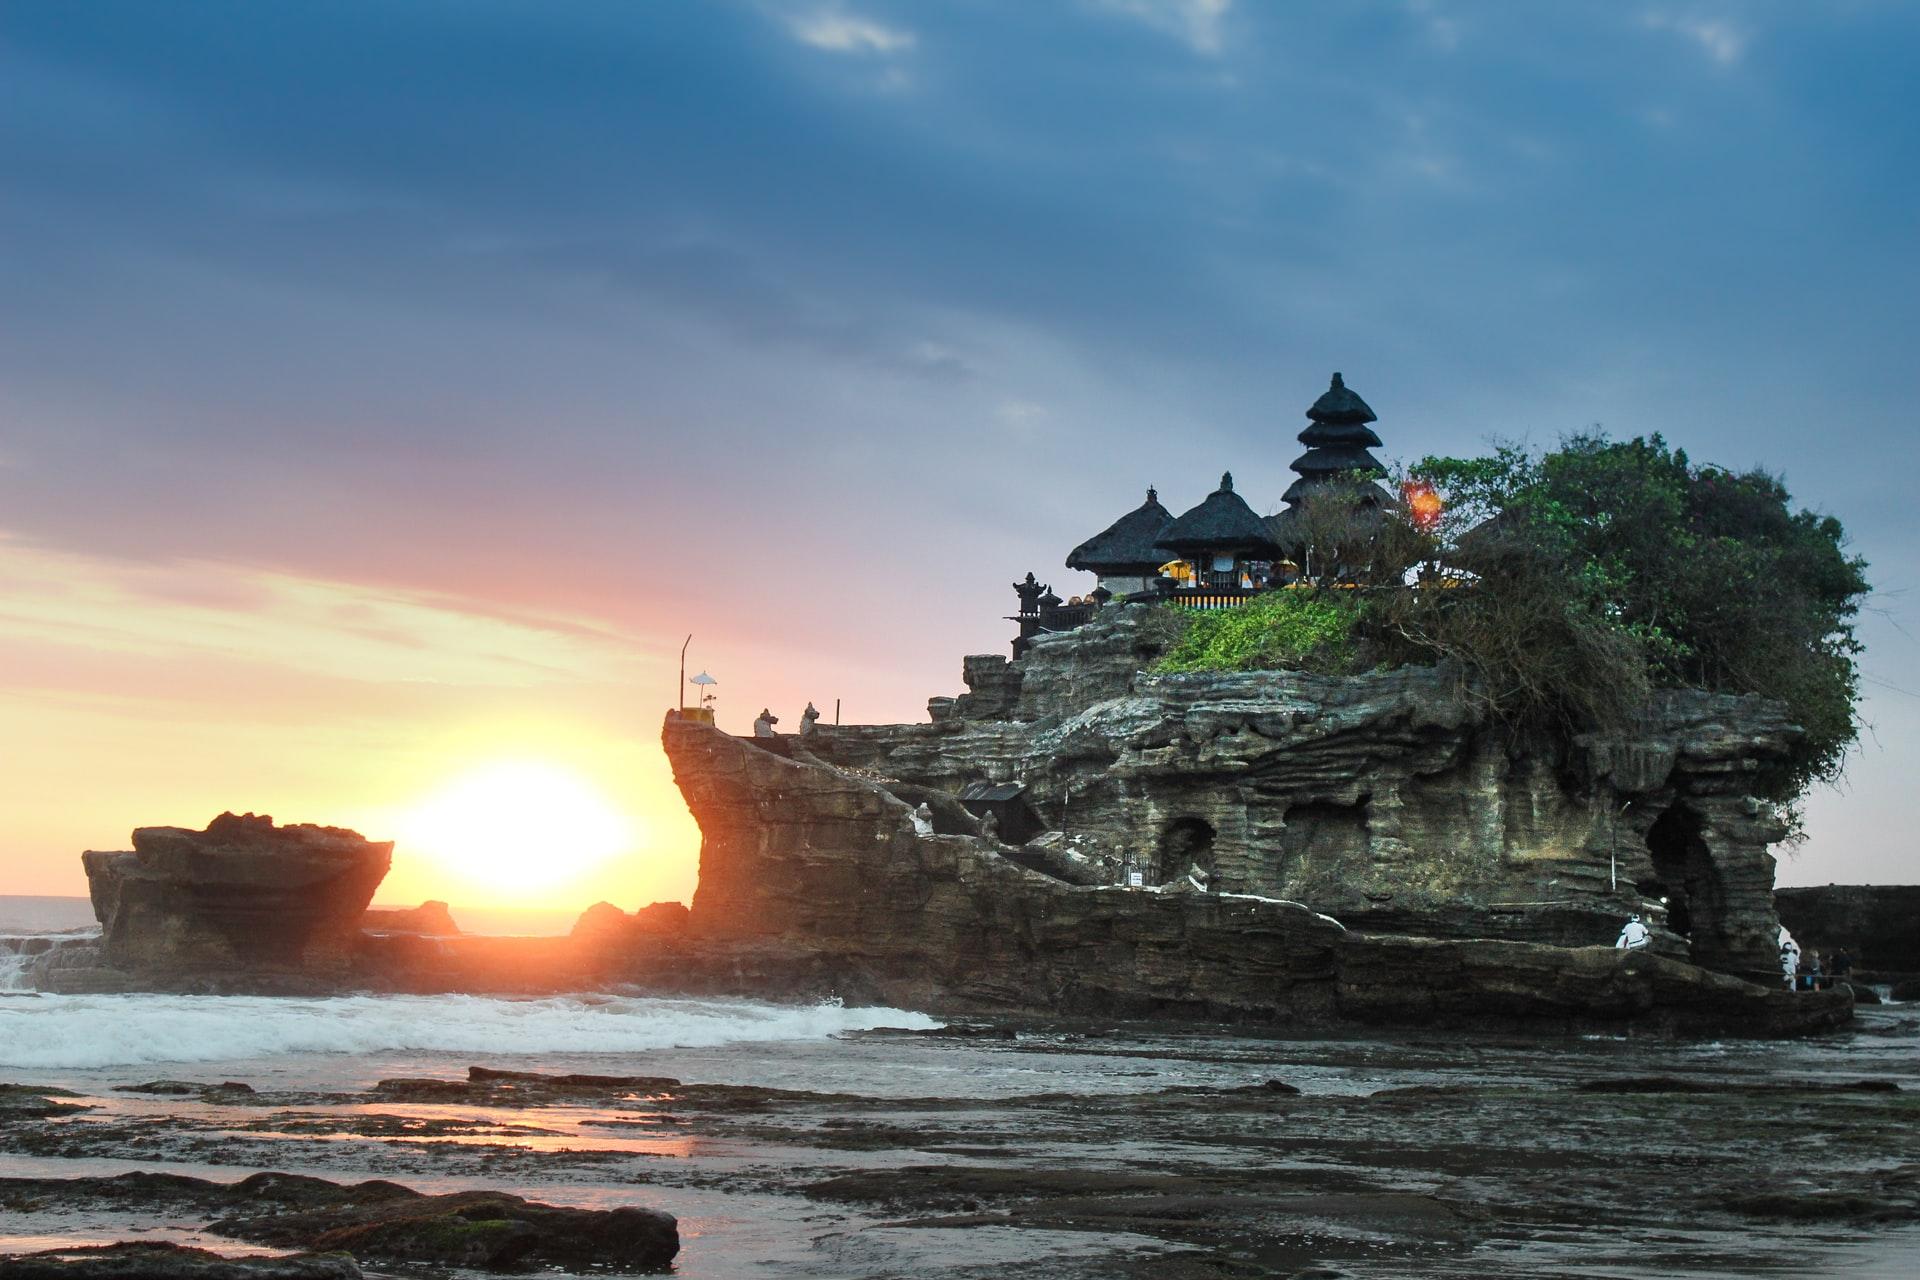 Σιγκαπούρη - Ινδονησία   10 μέρες